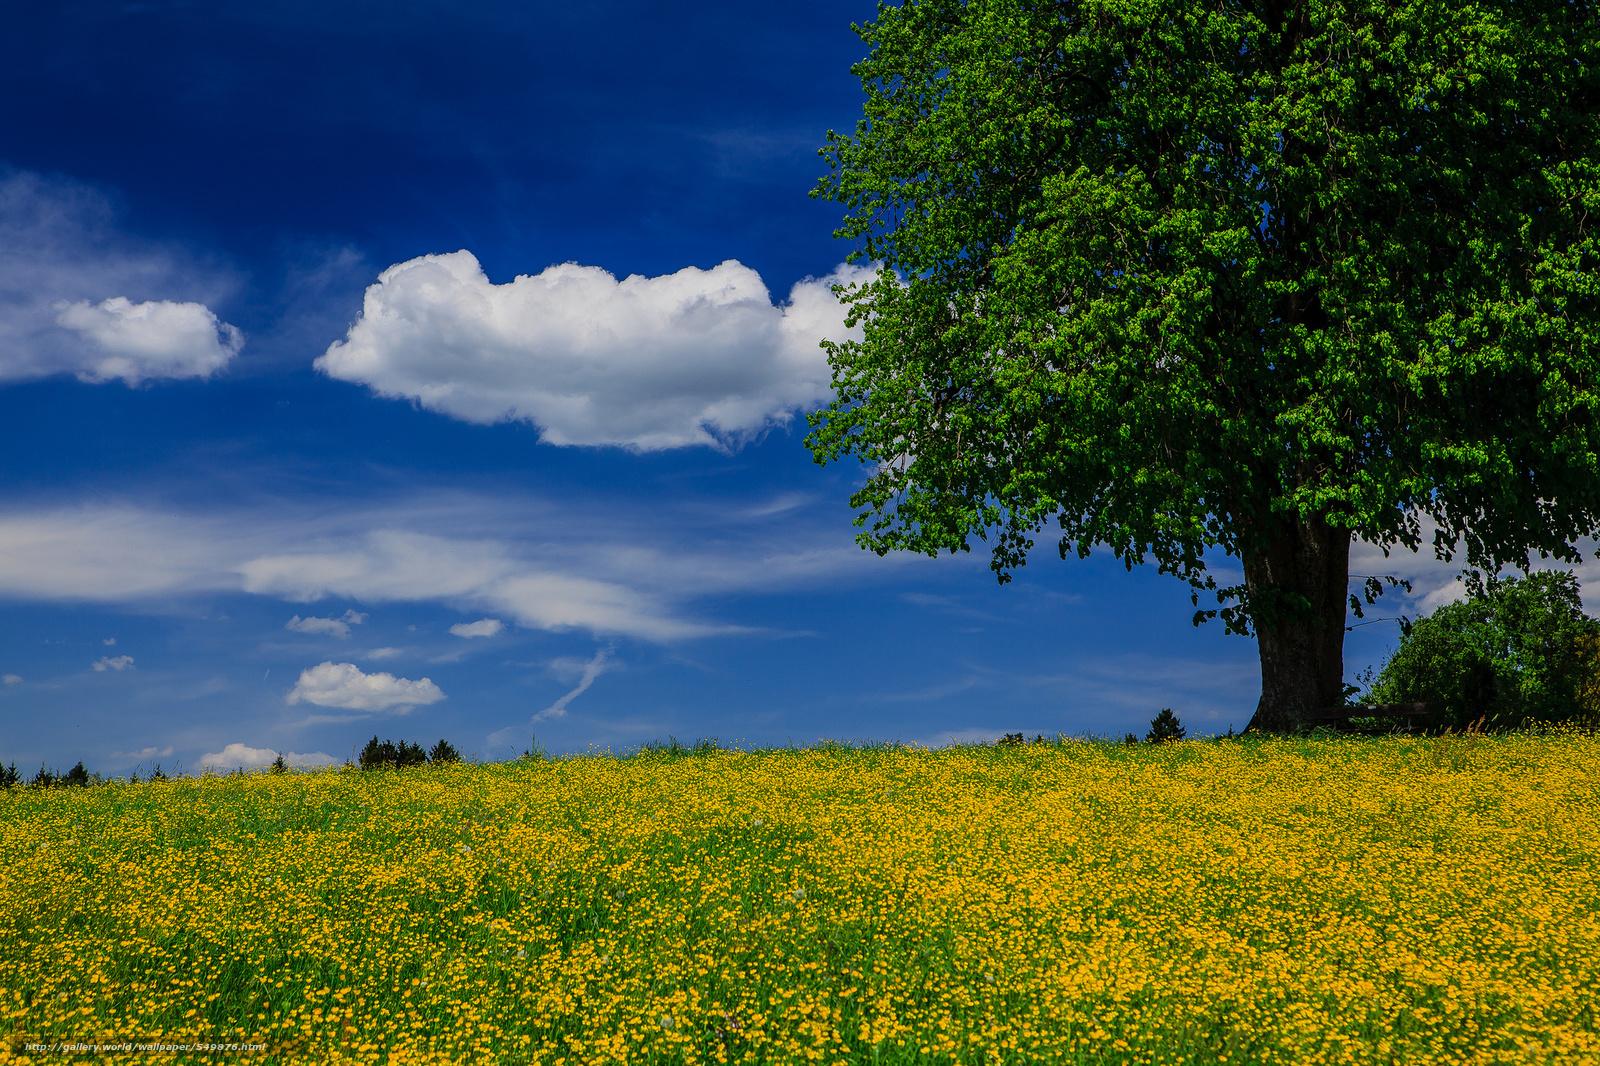 Tlcharger fond d 39 ecran arbre prairie t paysage fonds for Fond ecran ete paysage